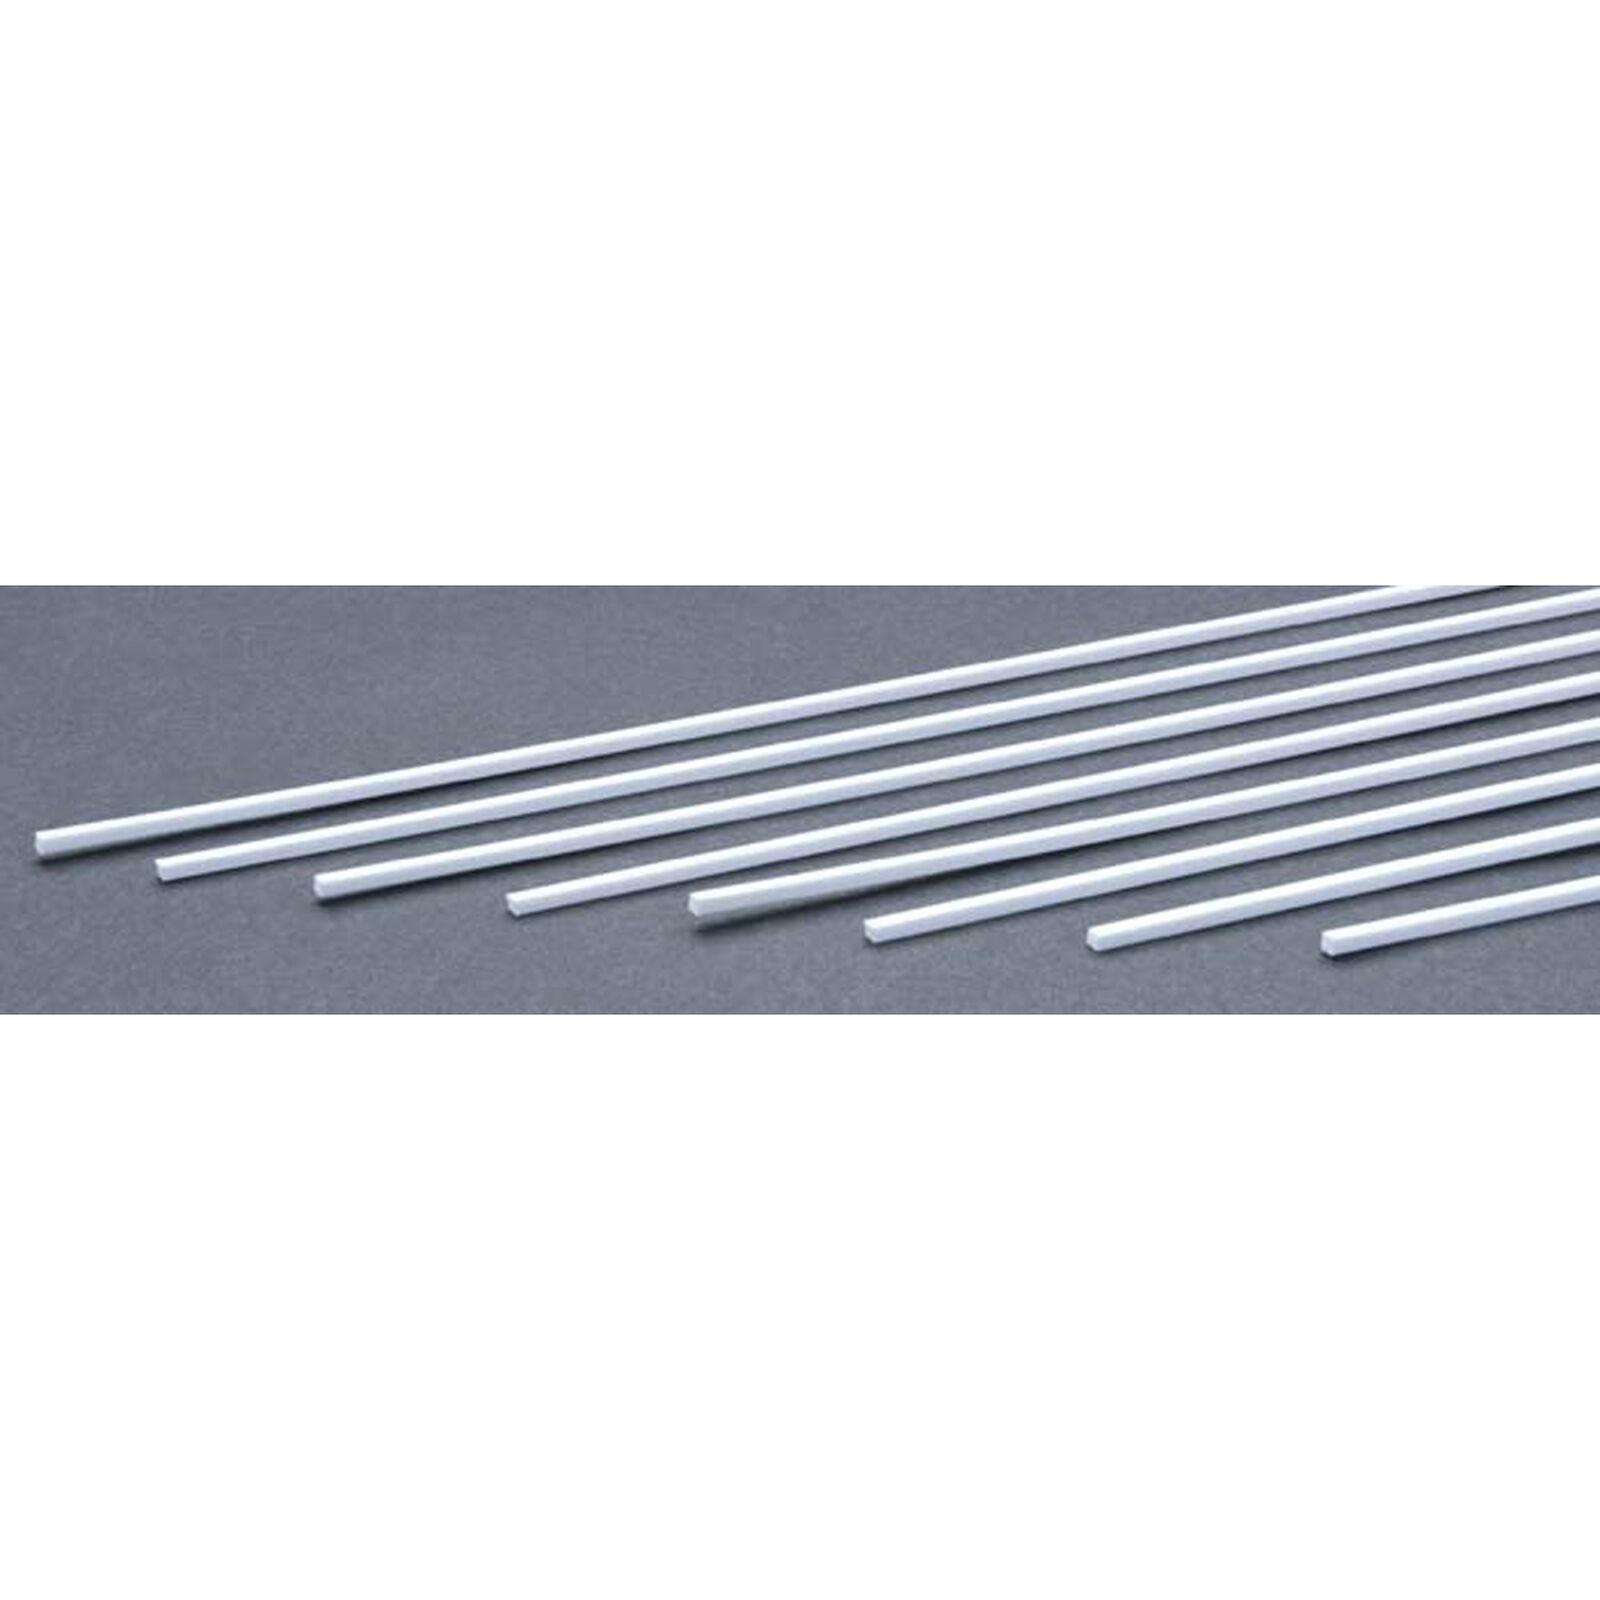 Strip .080 x .100 (8)